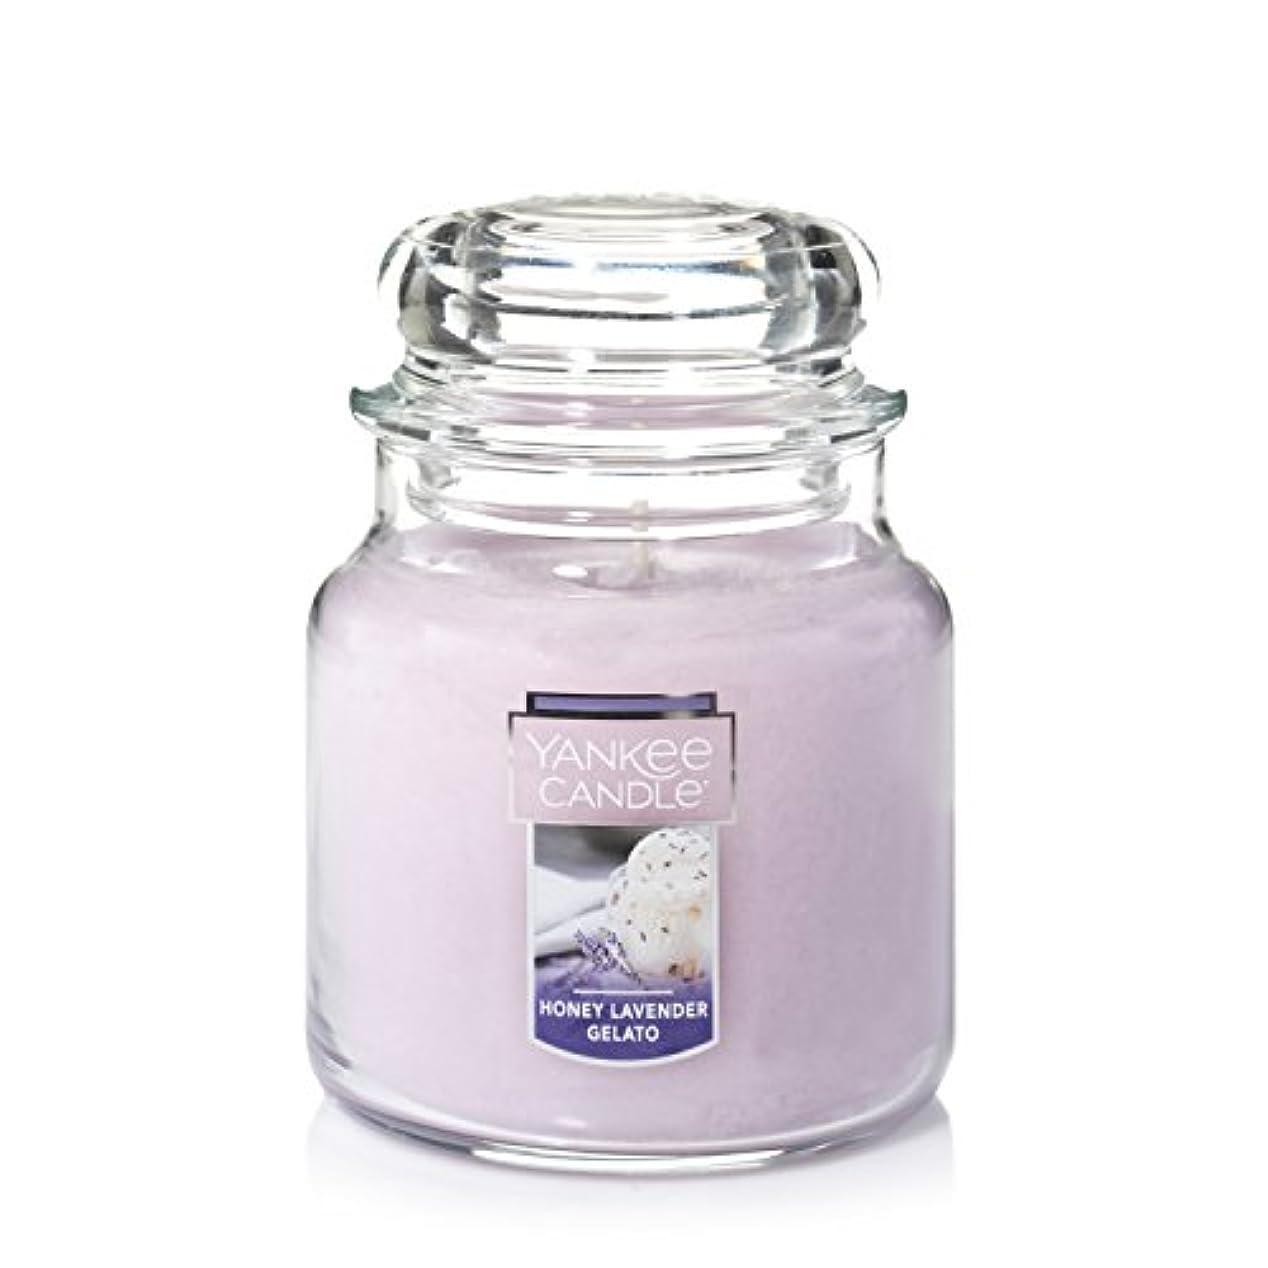 フェローシップ人気の静かなYankee Candle HoneyラベンダーGelato Medium Jar Candle パープル 1521685Z